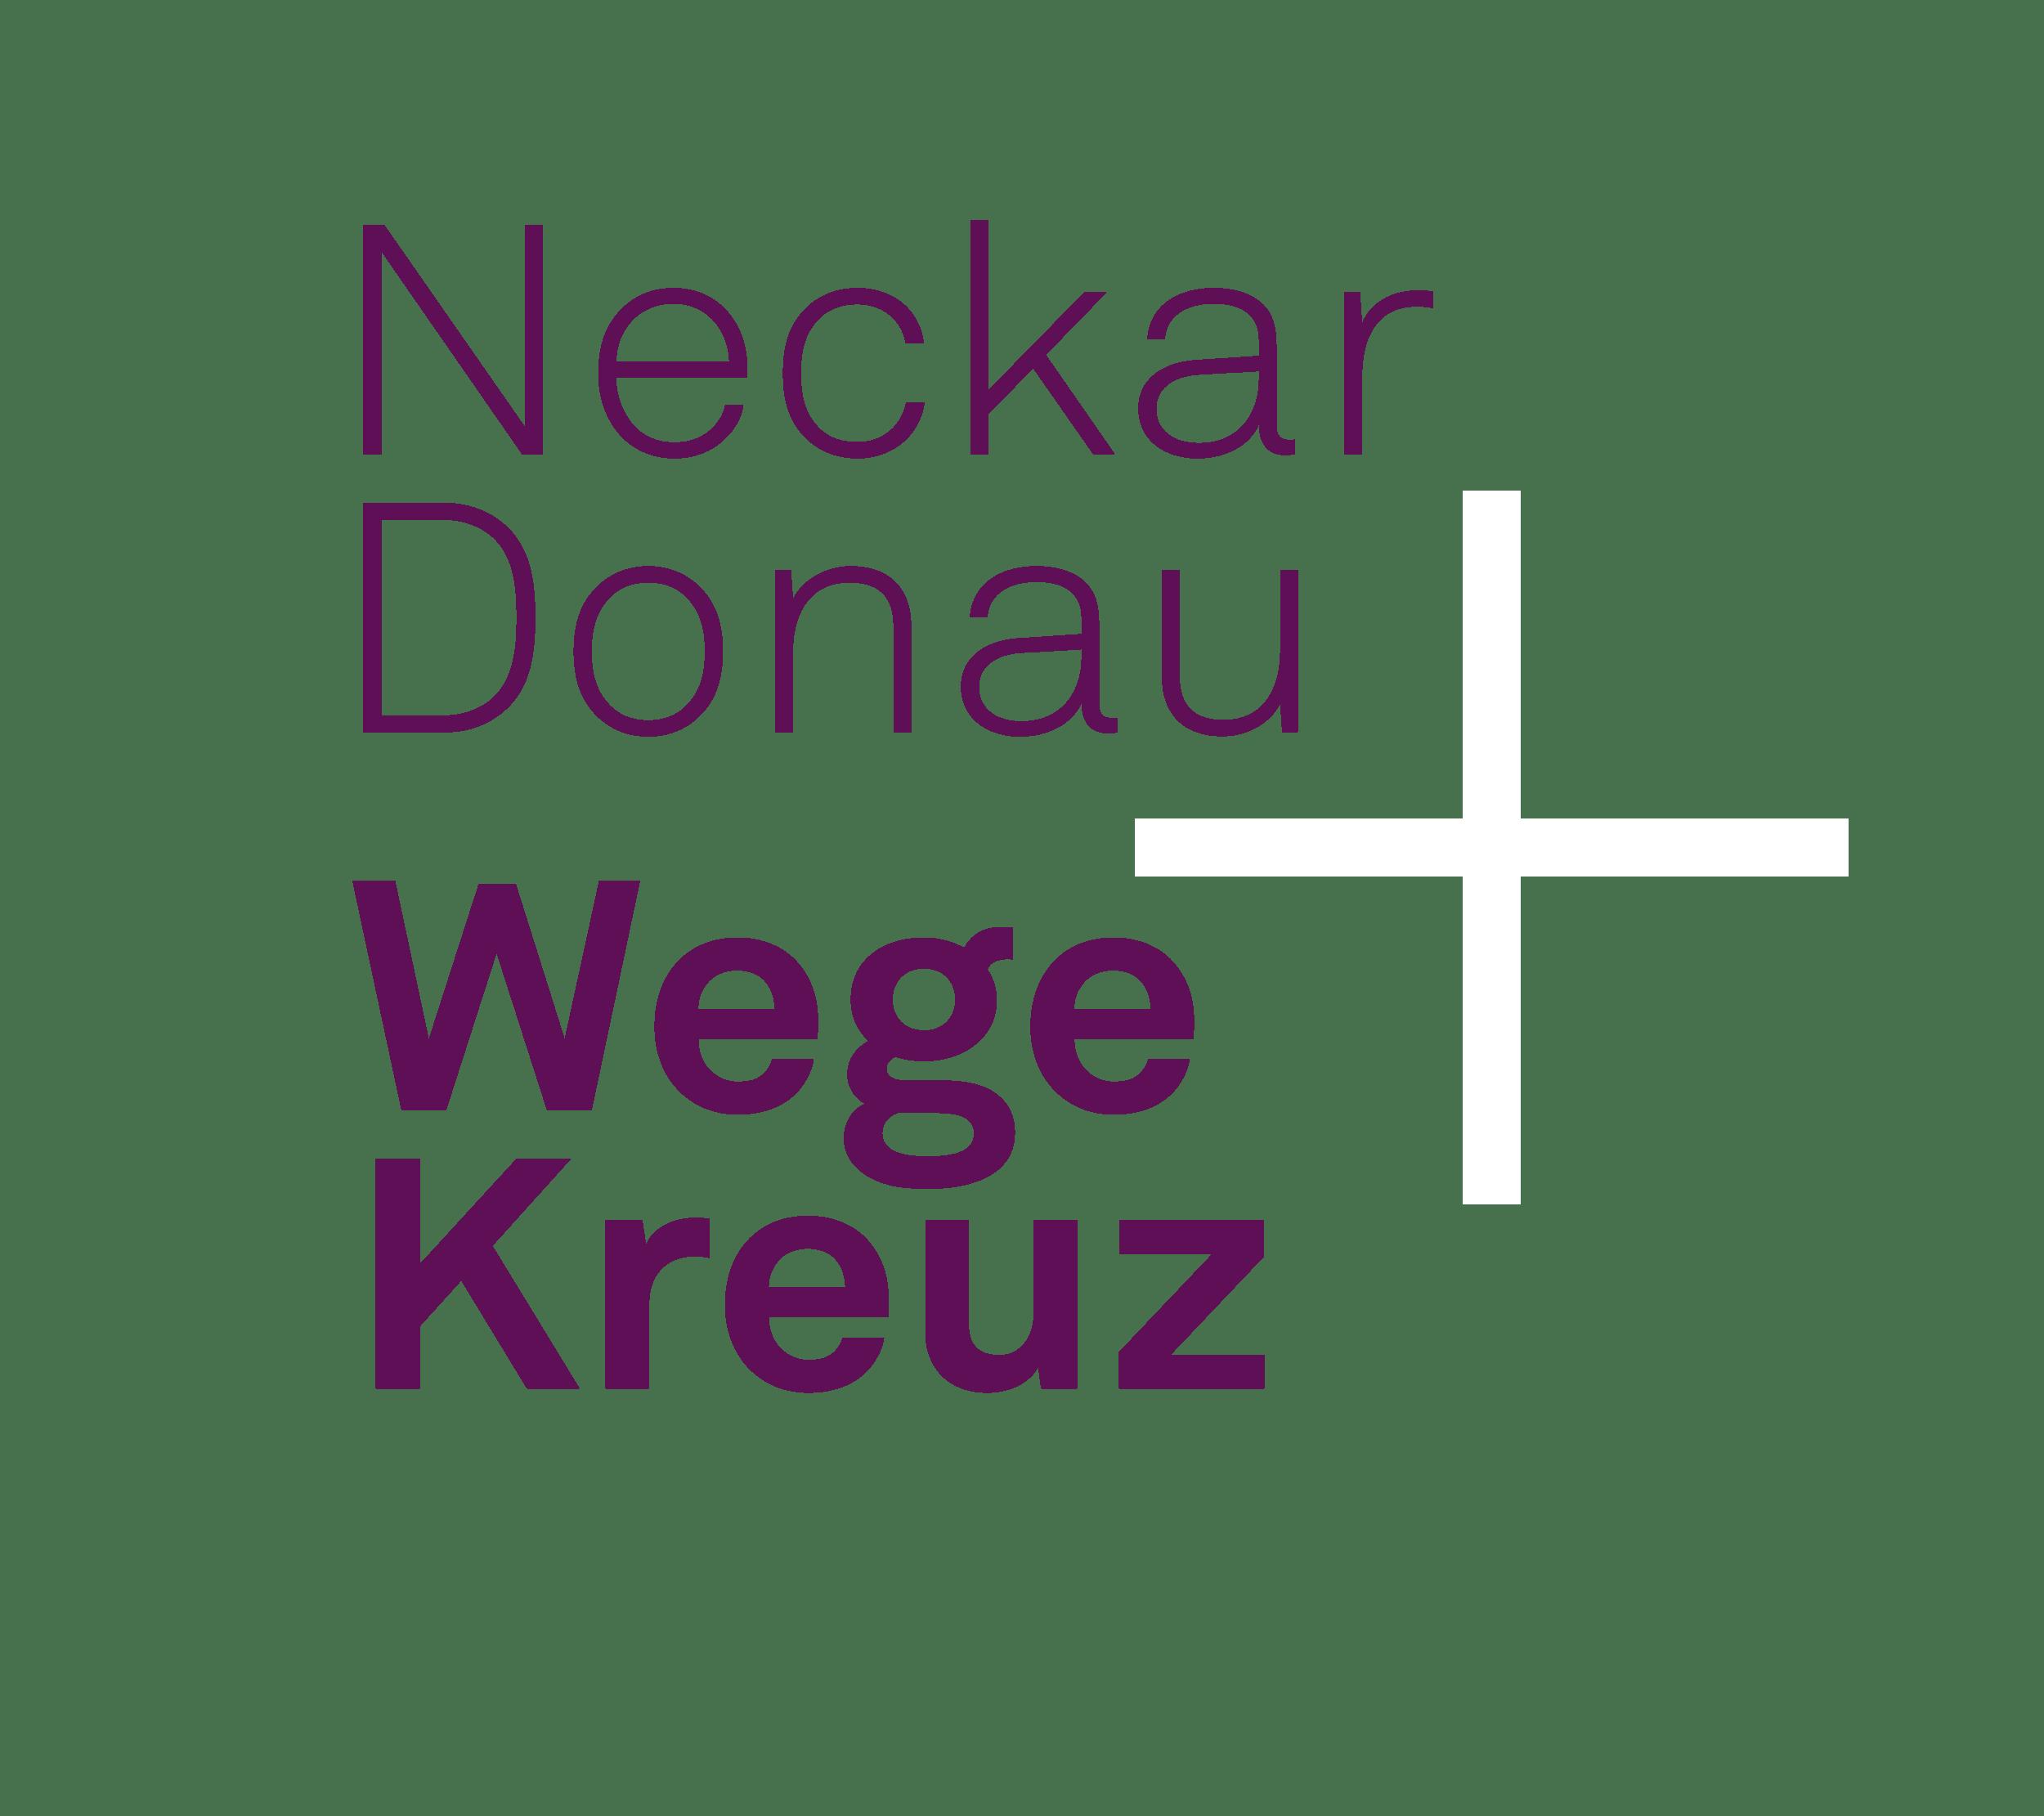 Neckar-Donau-Wegekreuz